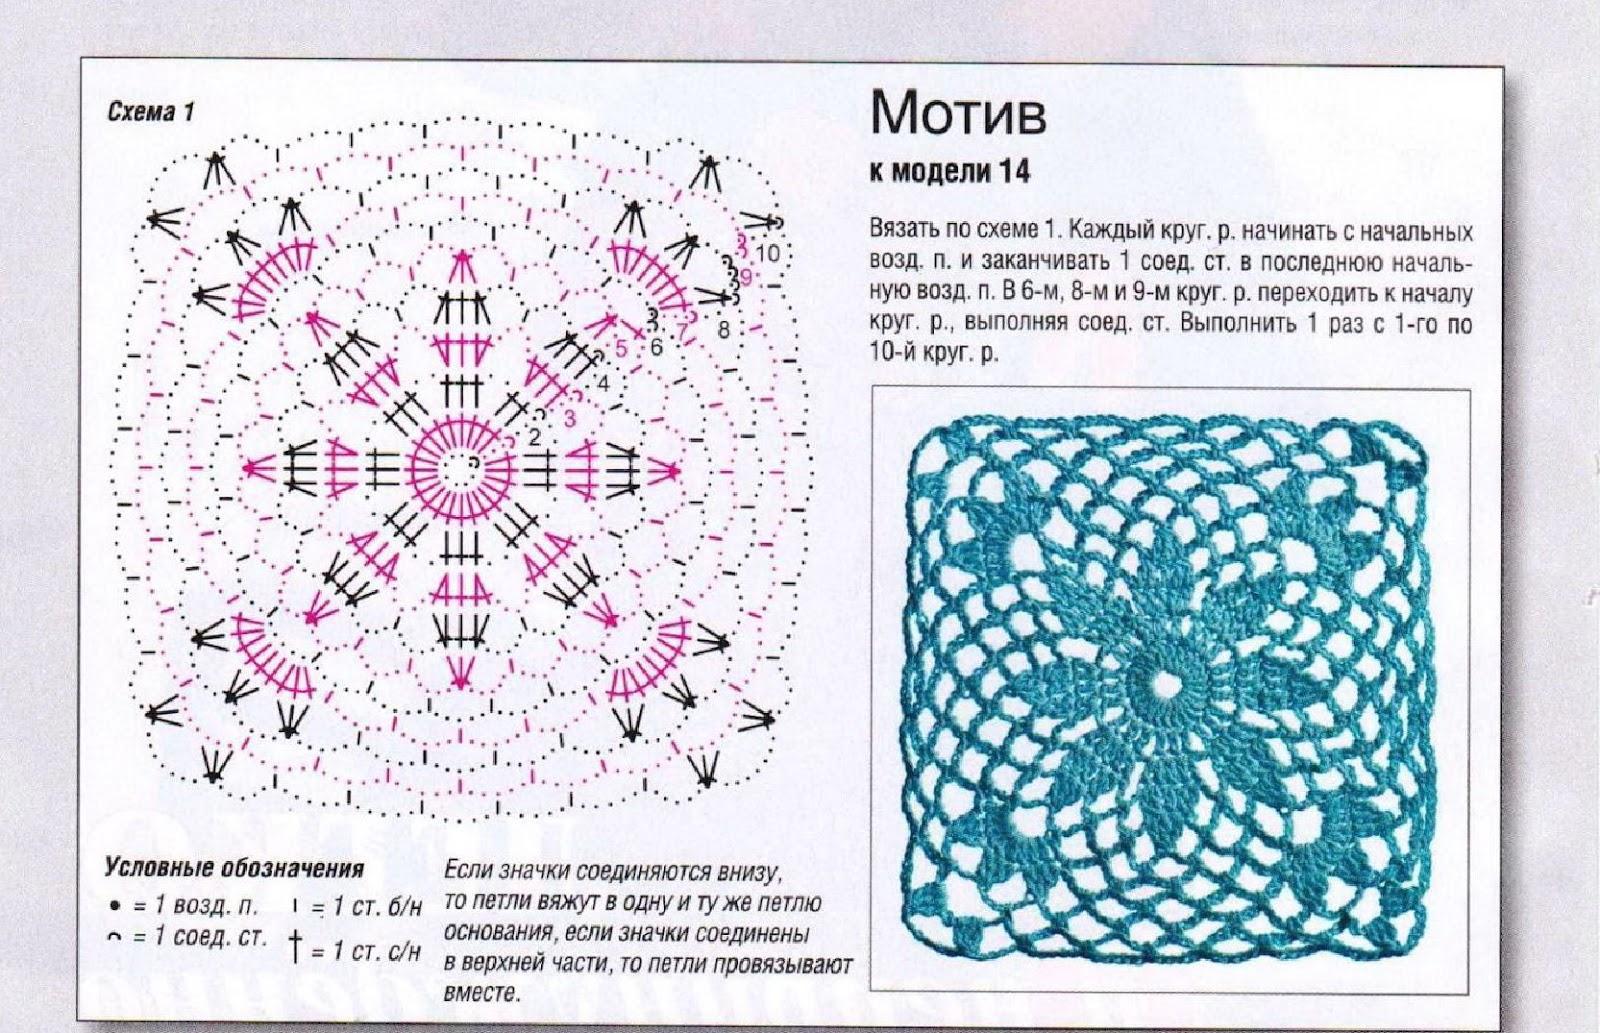 Мотивы вязания крючком схемы и картинки